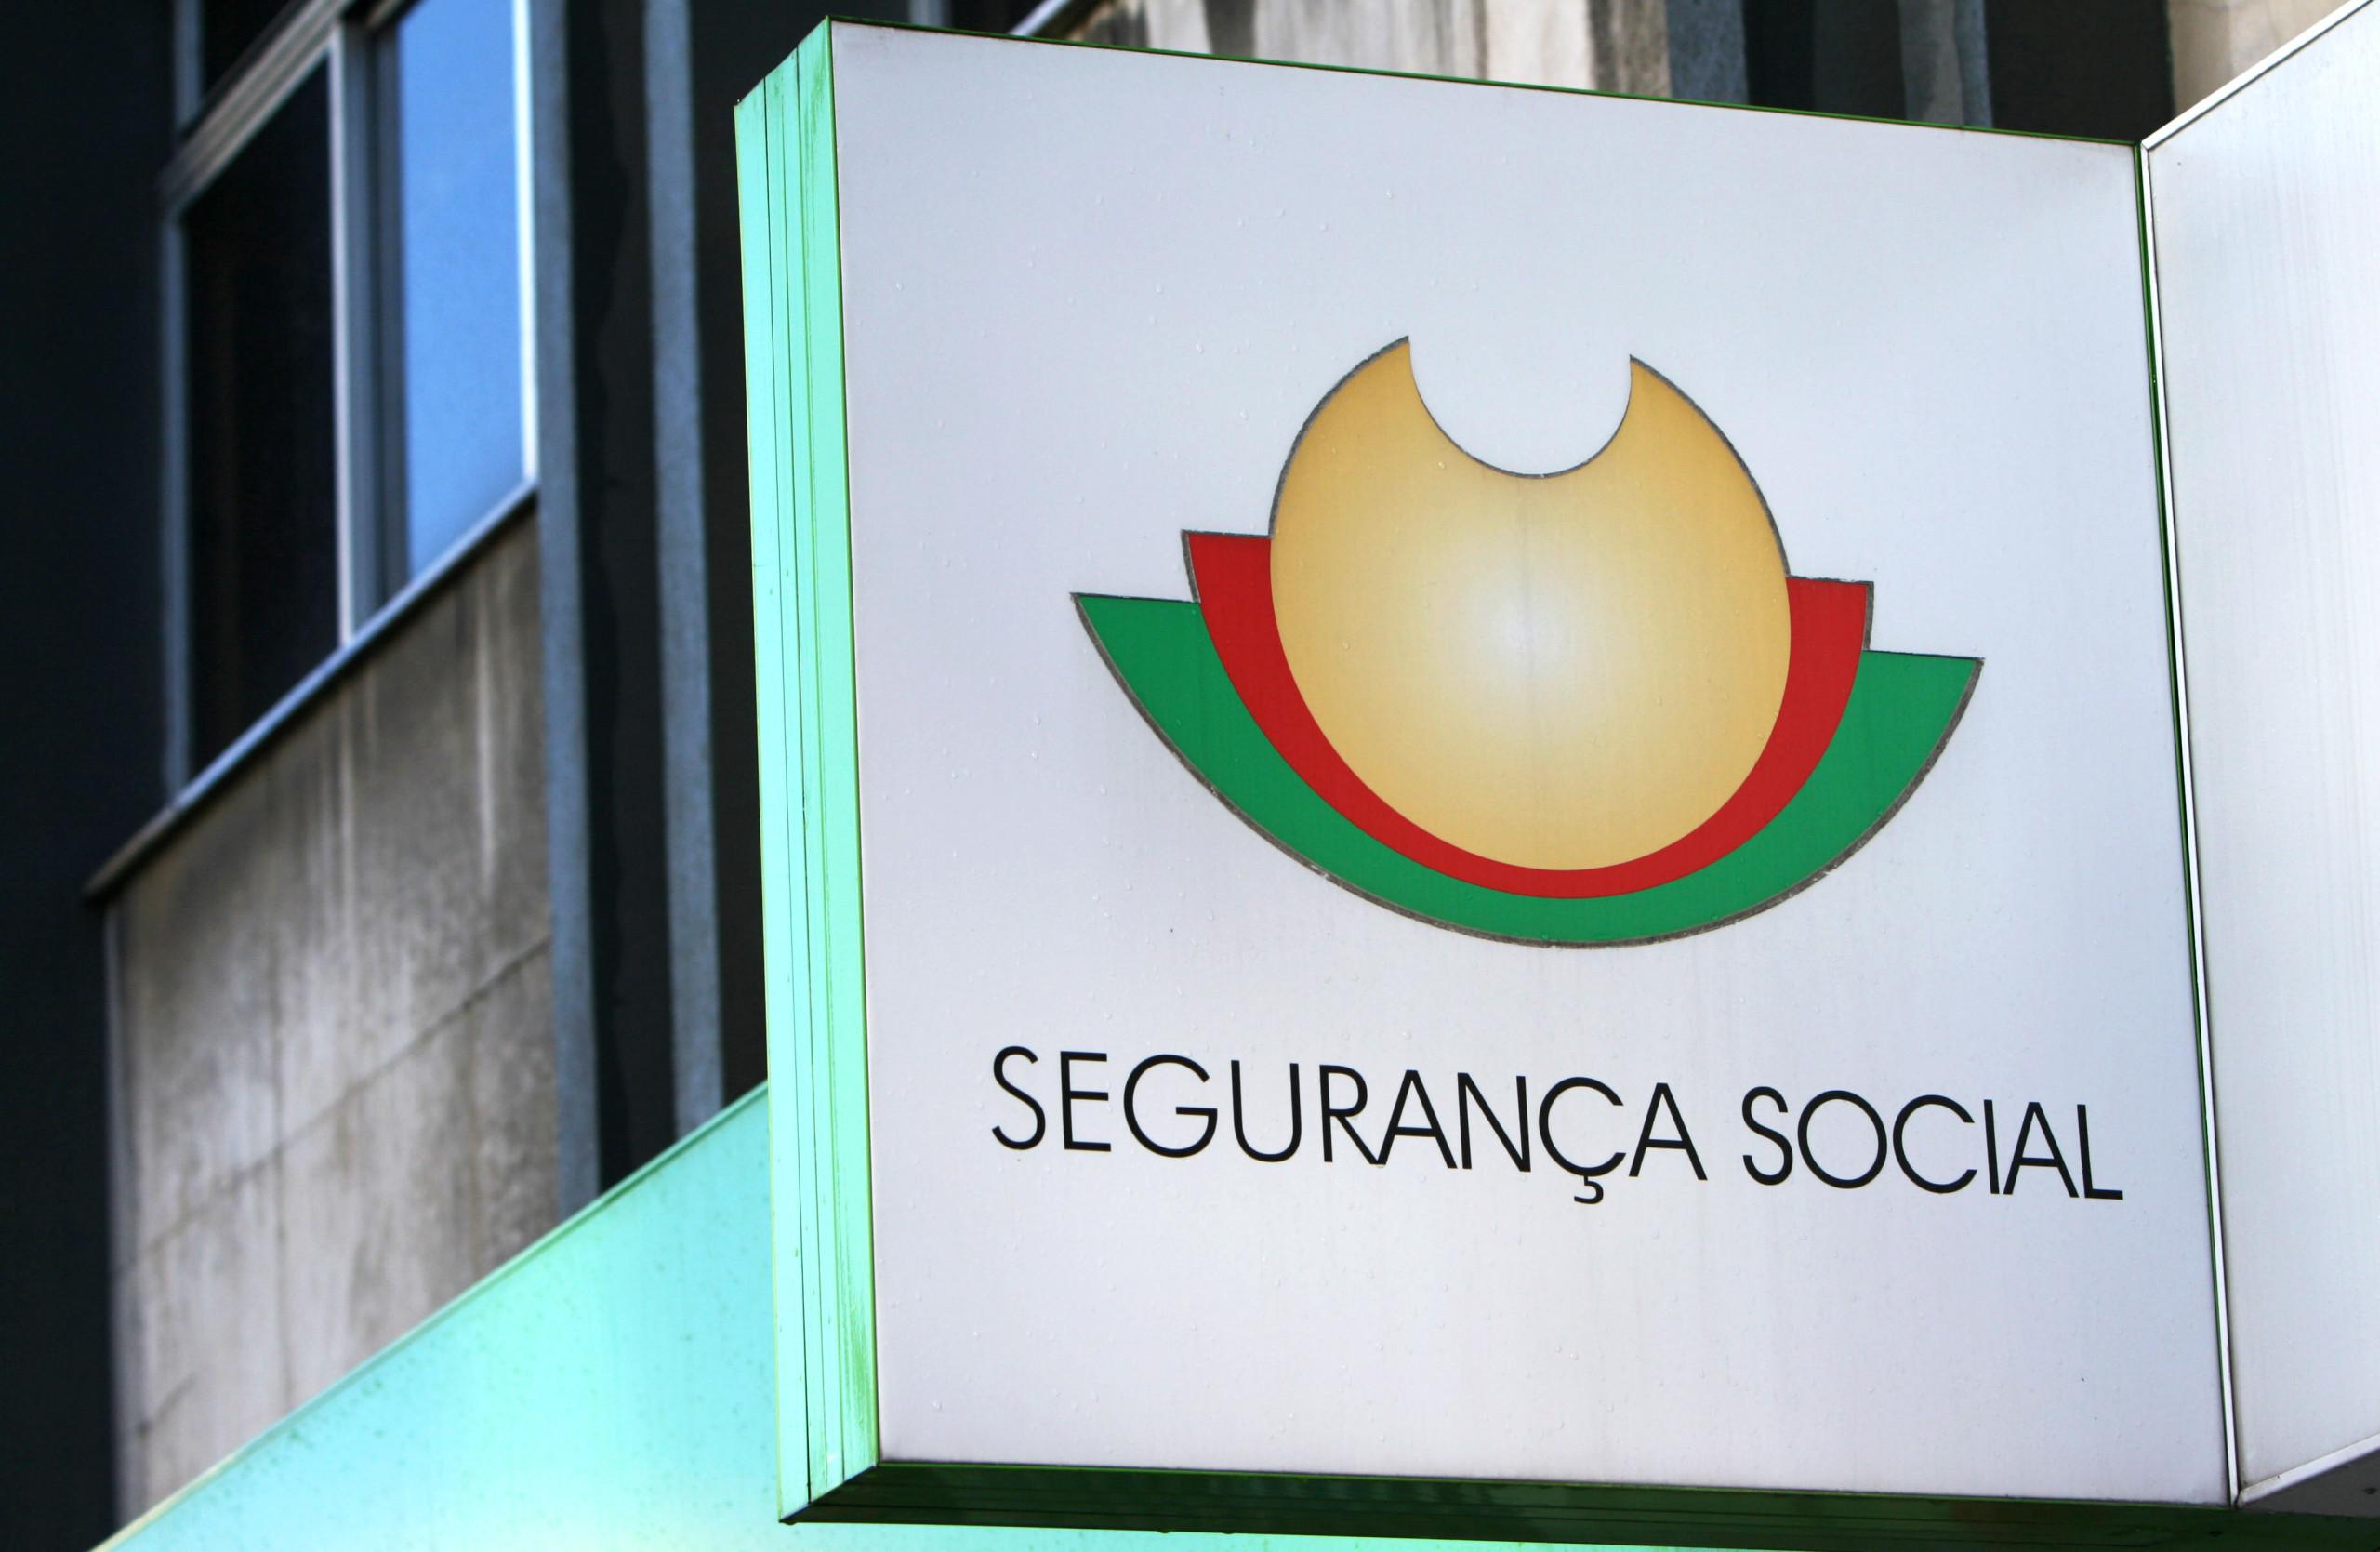 Cobrança coerciva de dívida à Seg Social no valor mais alto desde 2013